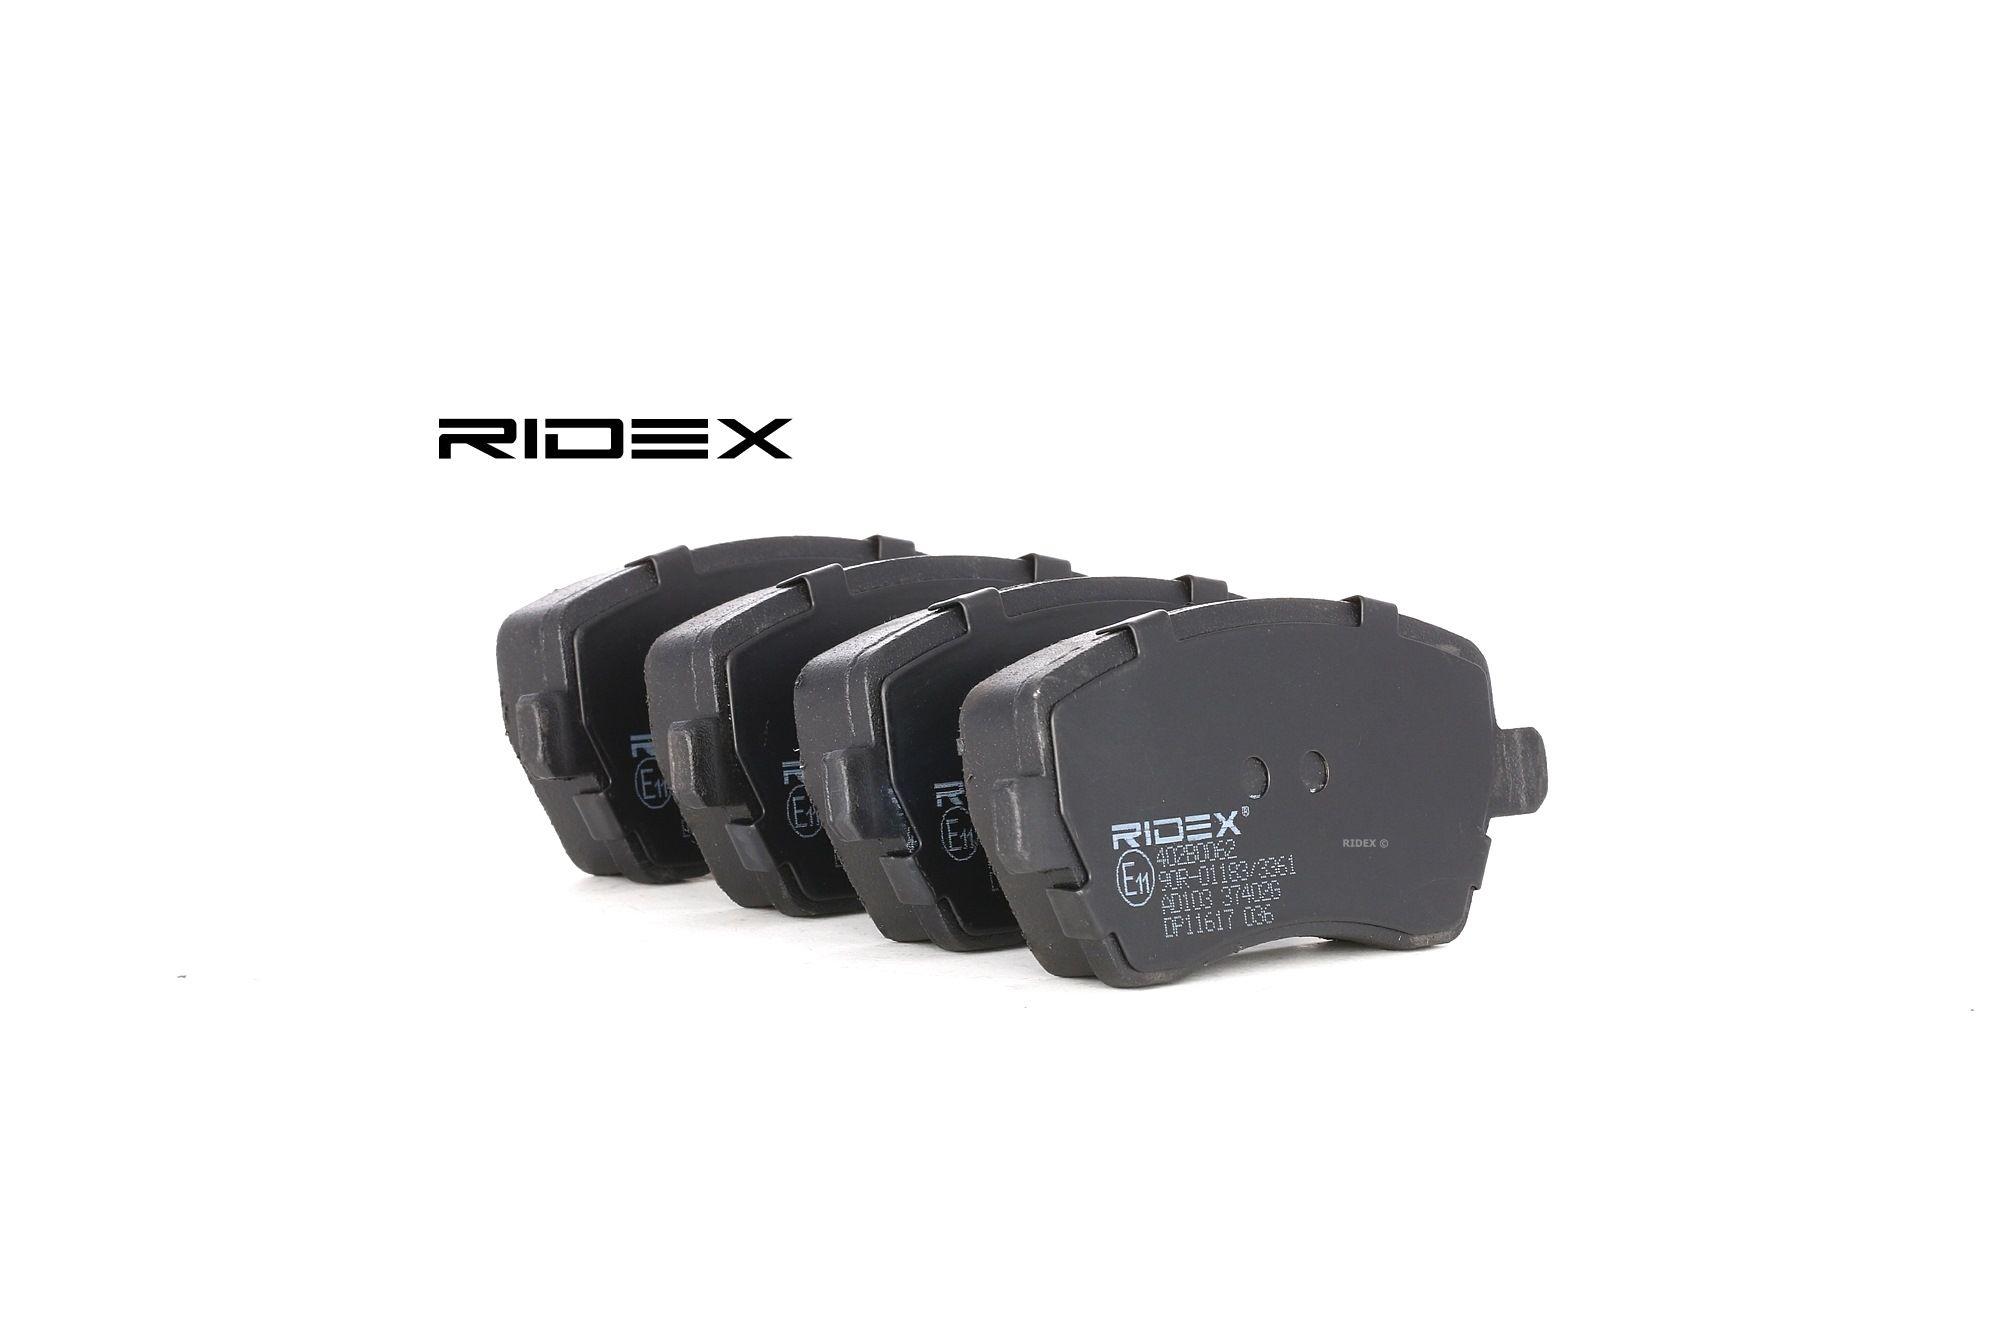 Bremsbelagsatz RIDEX 402B0062 Bewertung